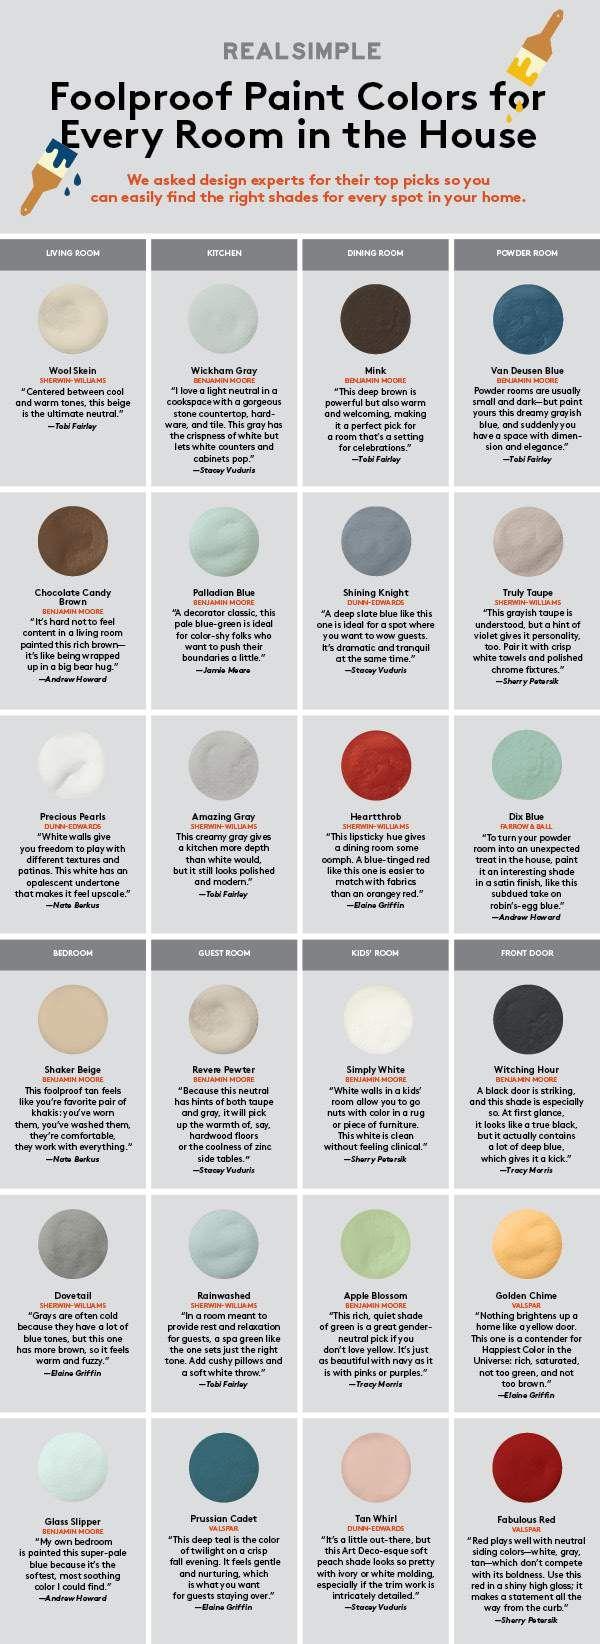 Navy hallway ideas   best paint colors images on Pinterest  Colors Paint colors and